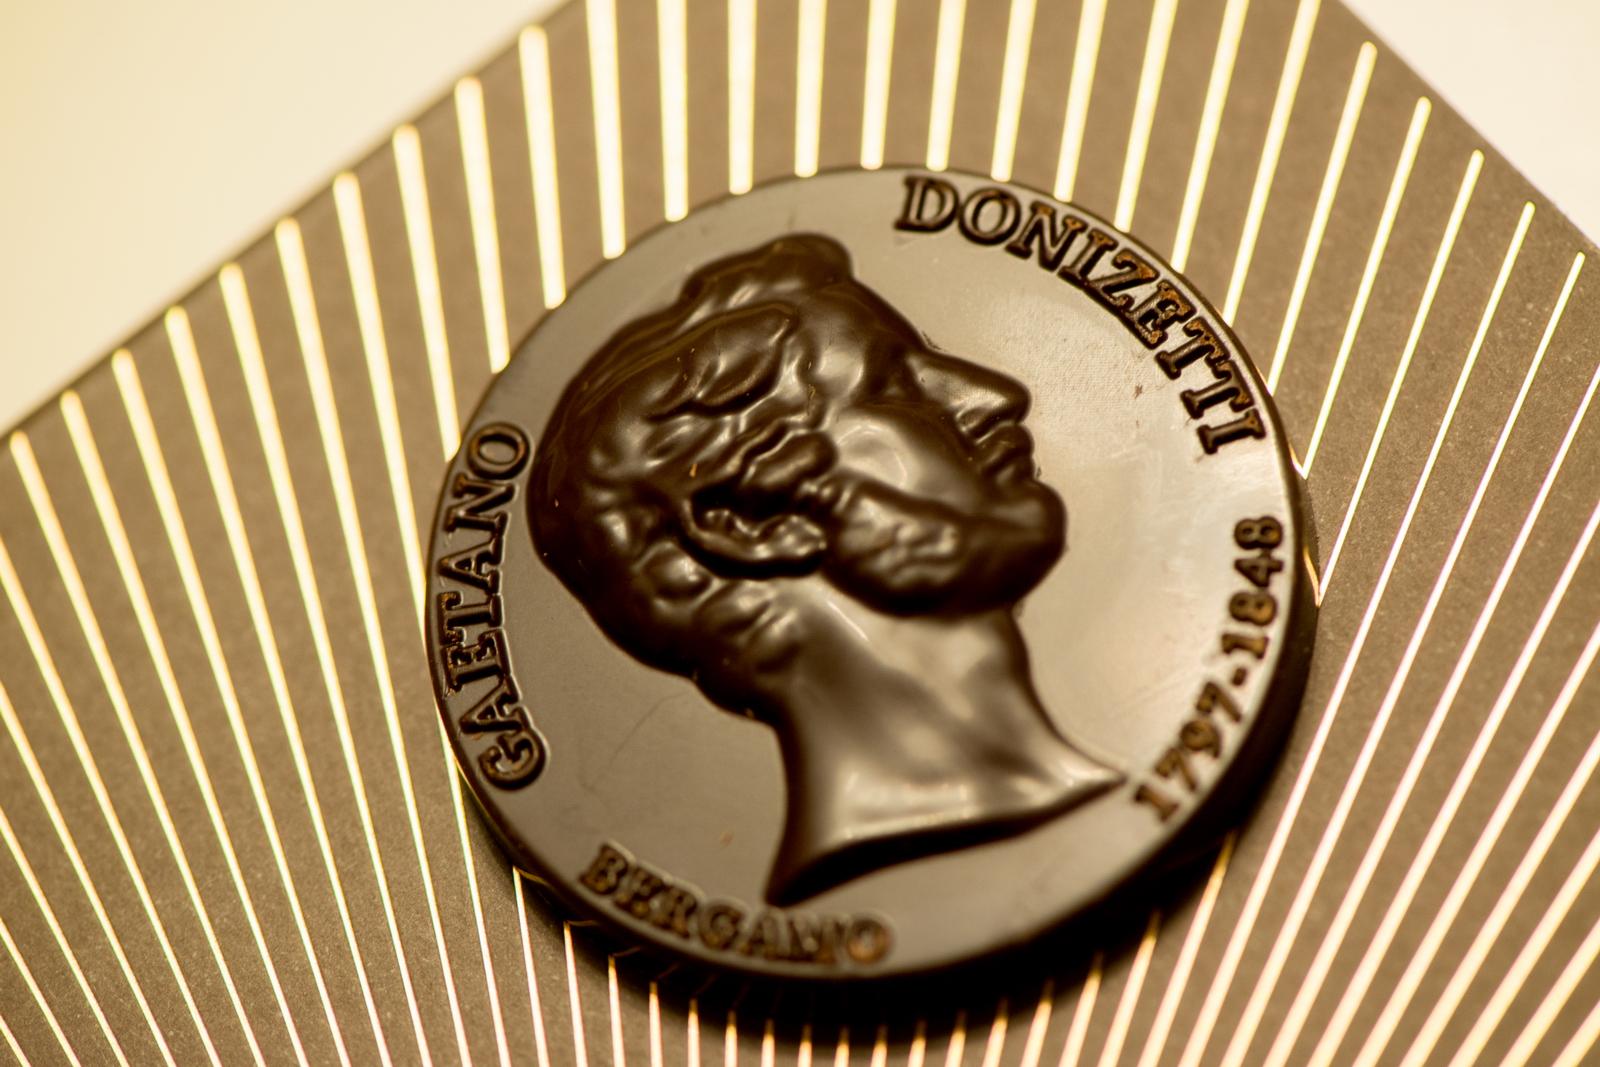 le_melodie_del_donizetti_cioccolatini_balzer